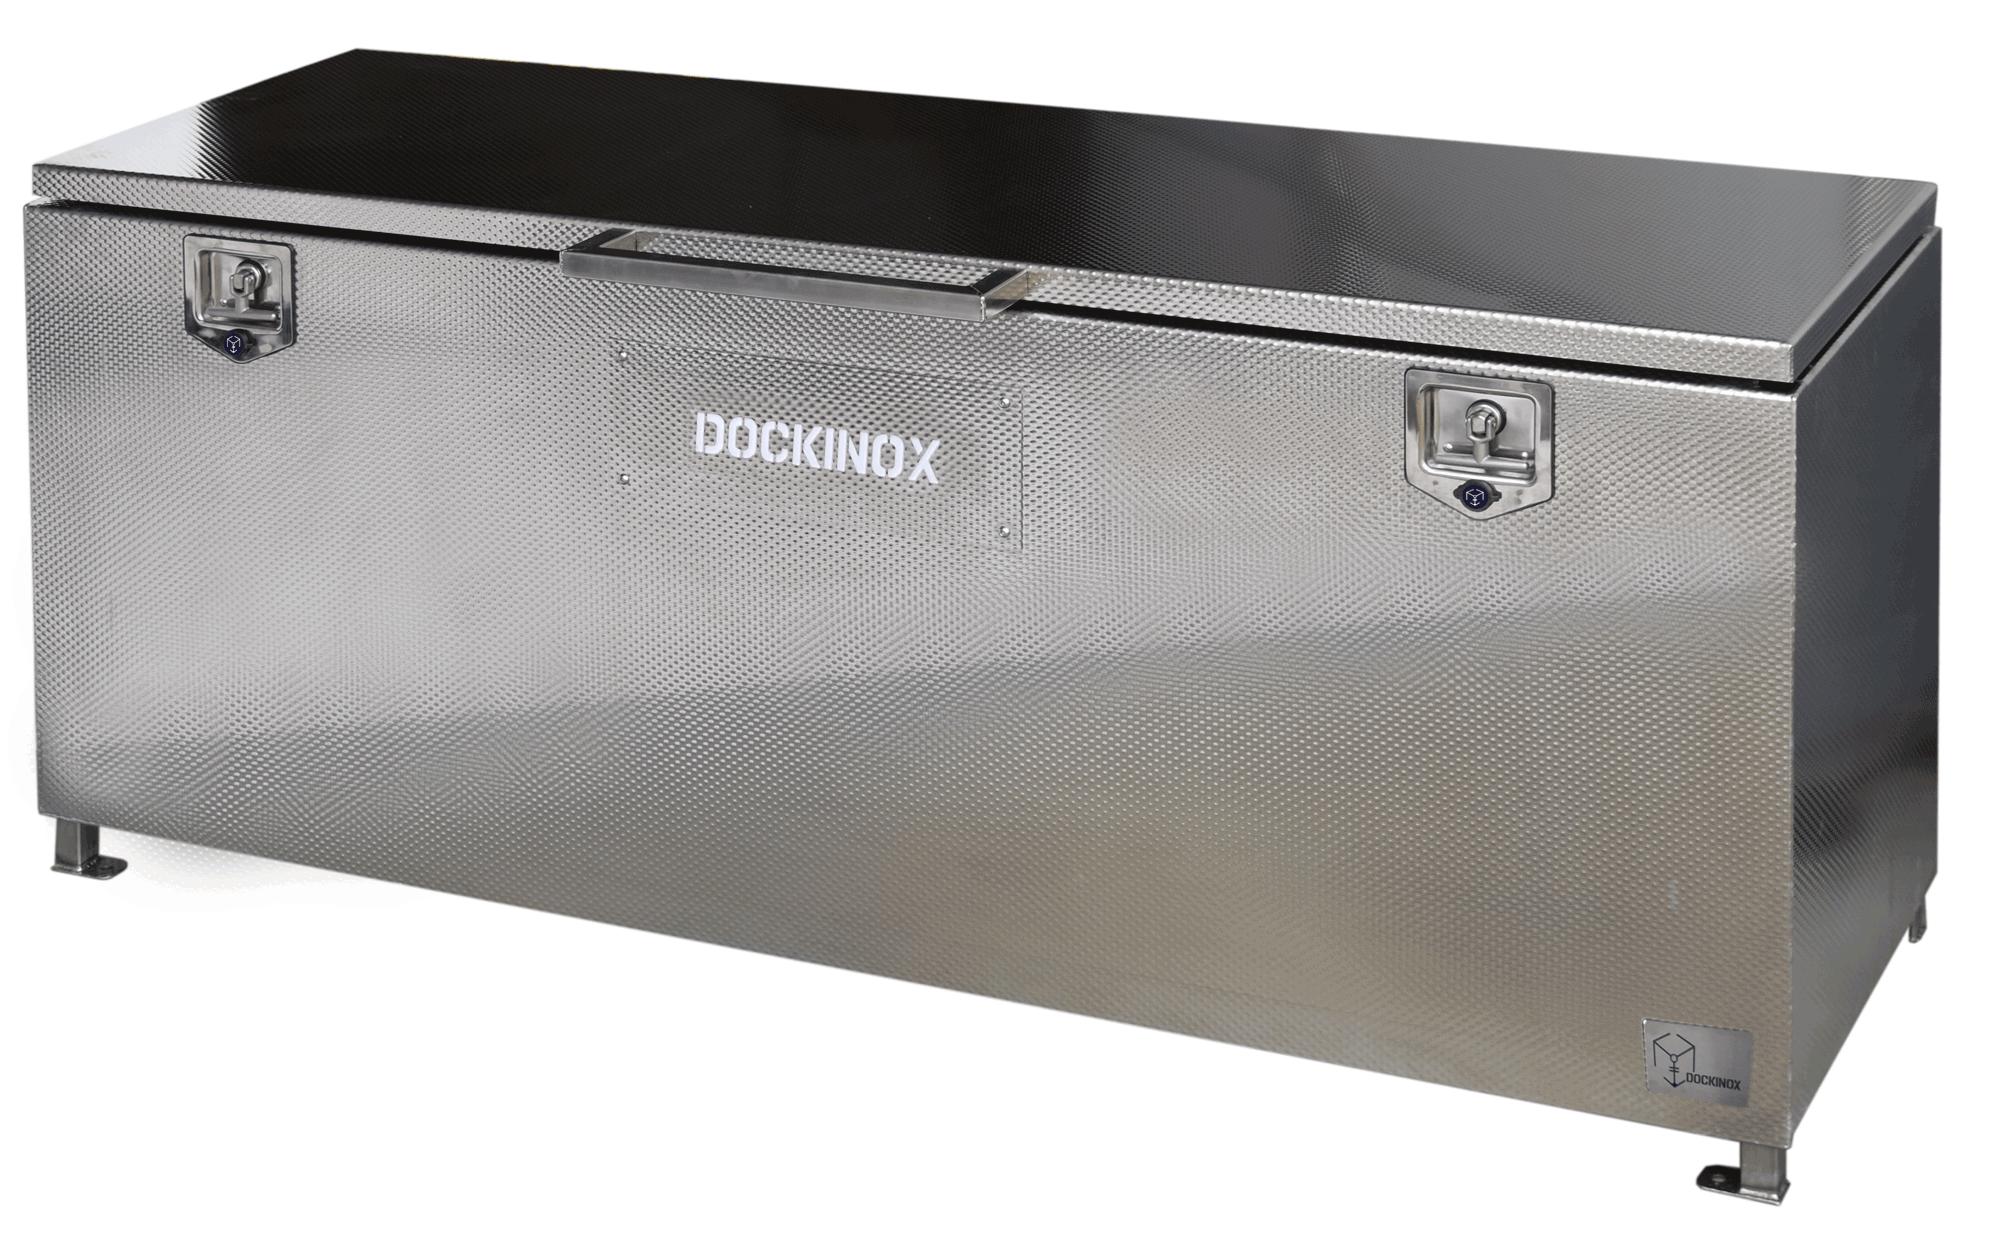 Dockinox opbergbox RVS